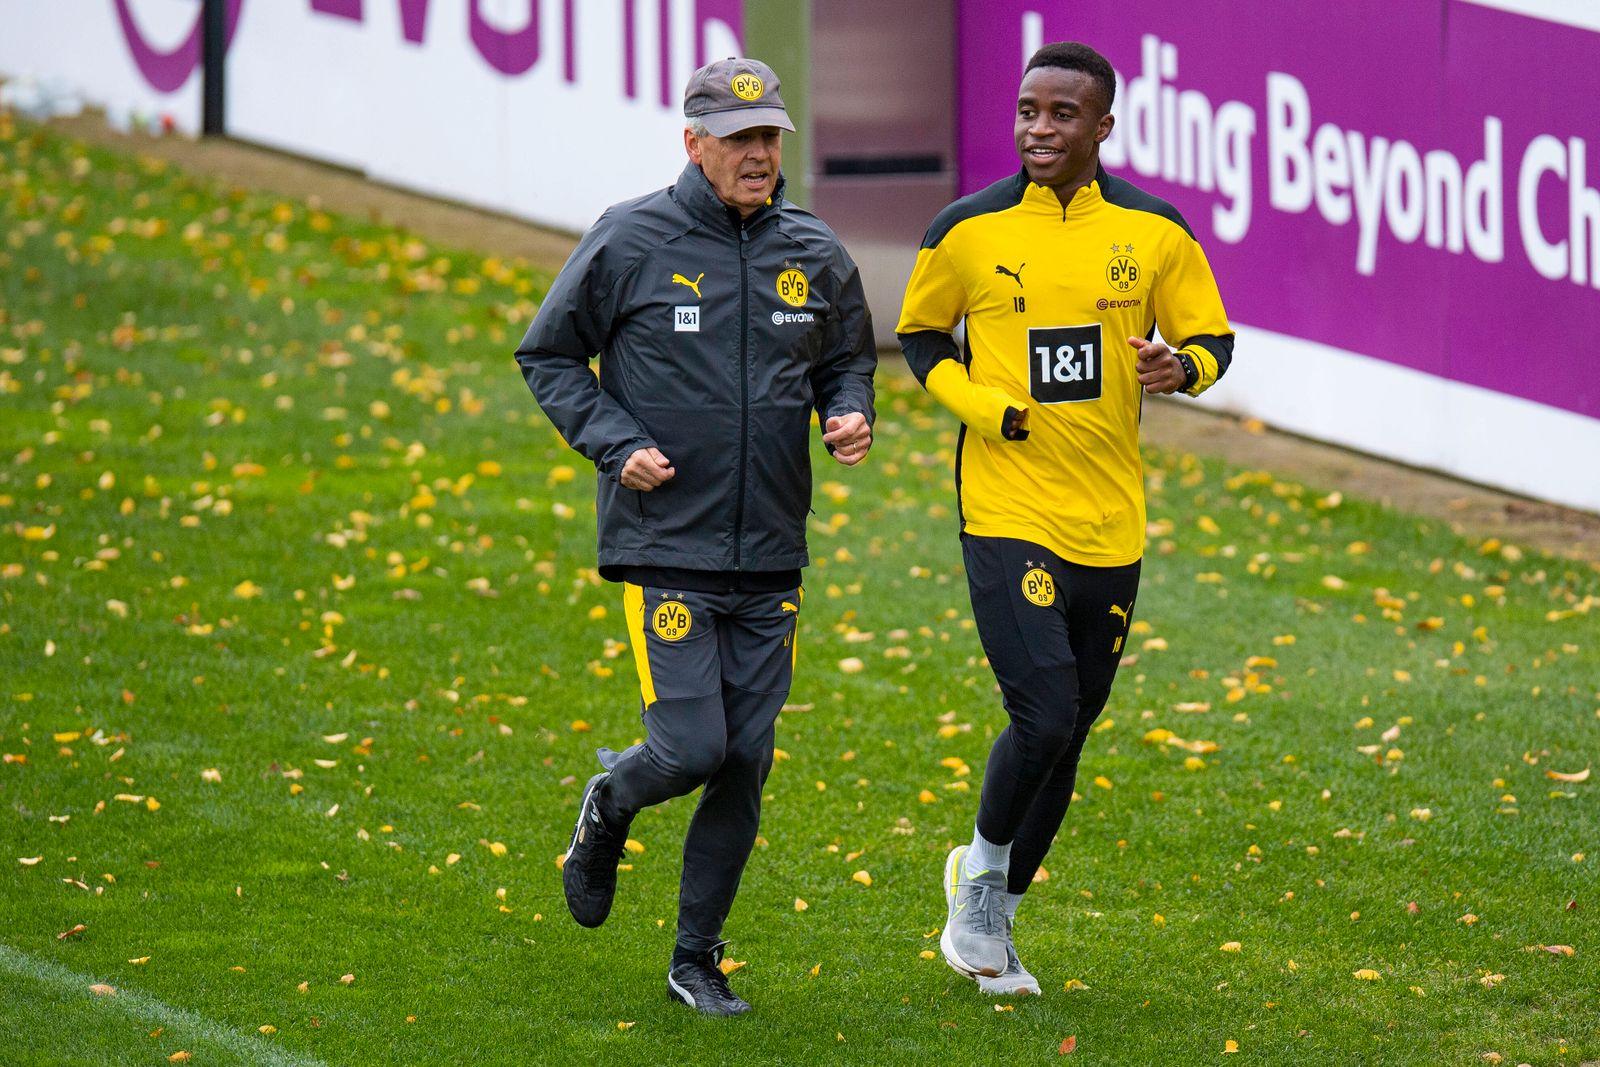 Fußball: 1. Bundesliga, Saison 2020/2021, Training von Borussia Dortmund am 08.10.2020 in Dortmund Brackel (Nordrhein-W